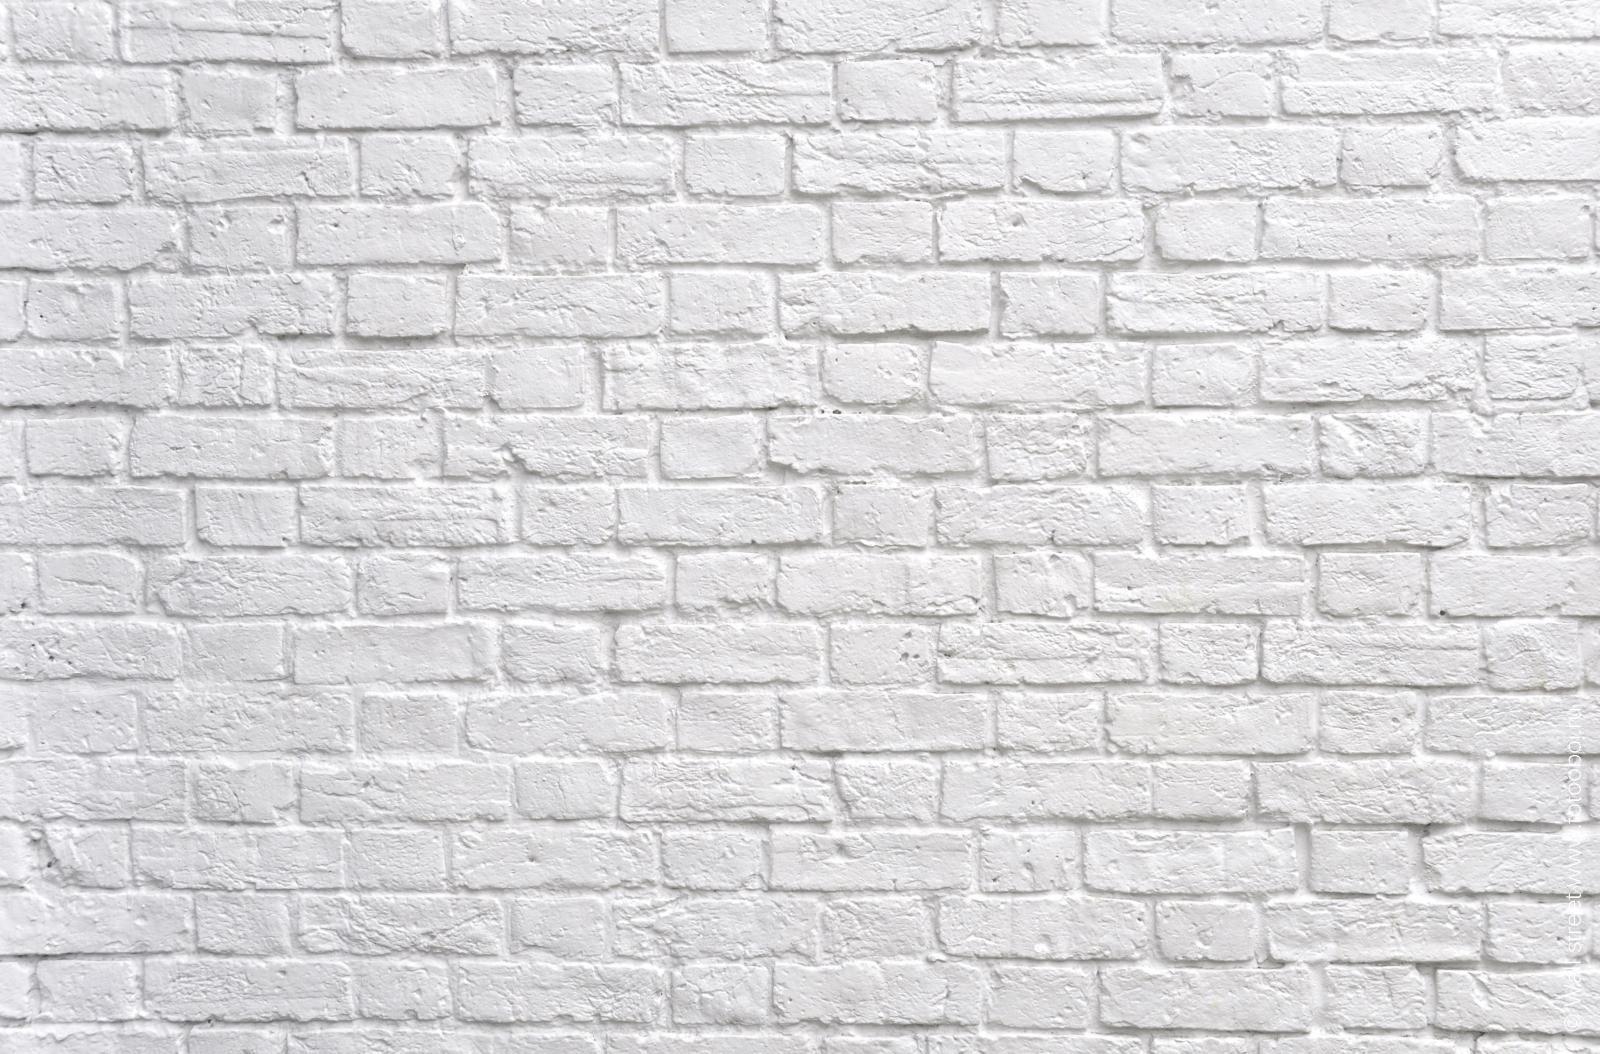 собрали кирпичная белая стена фото растет здоровым крепышом